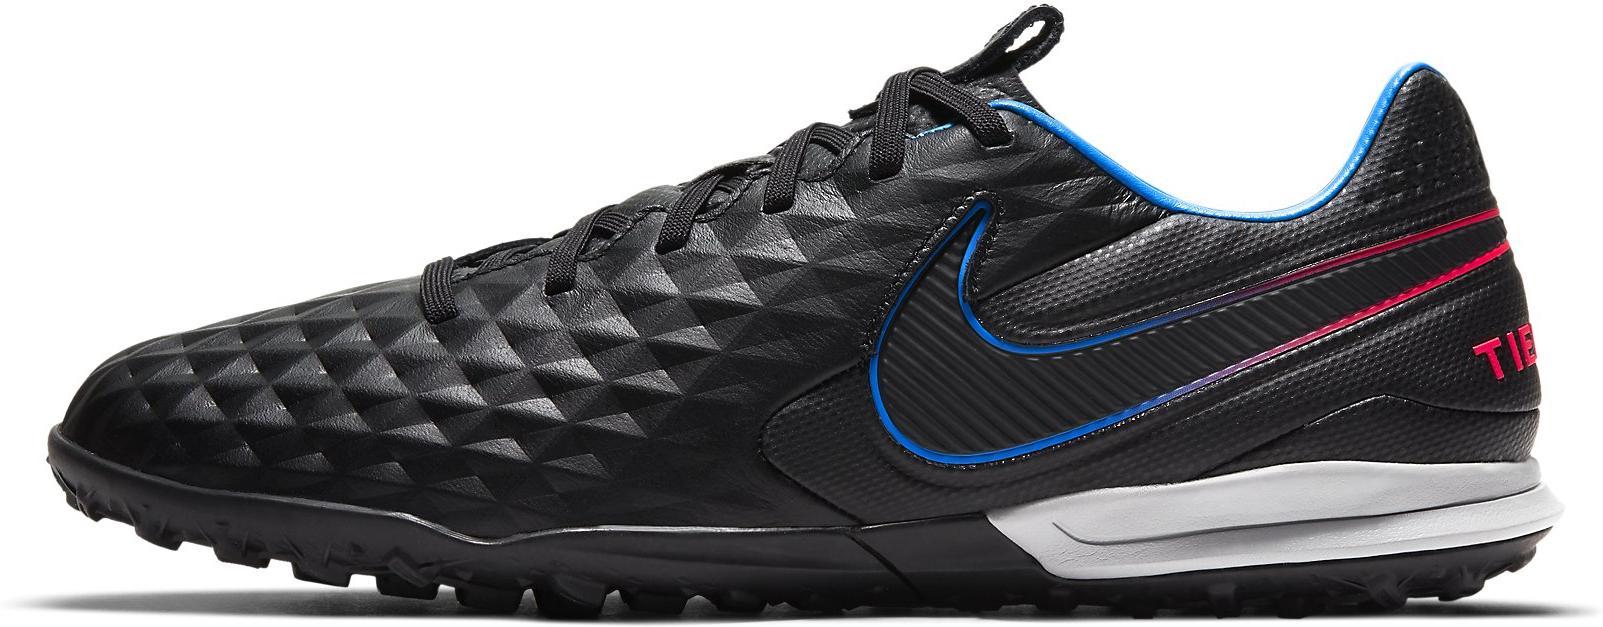 Kopačky Nike LEGEND 8 PRO TF černá